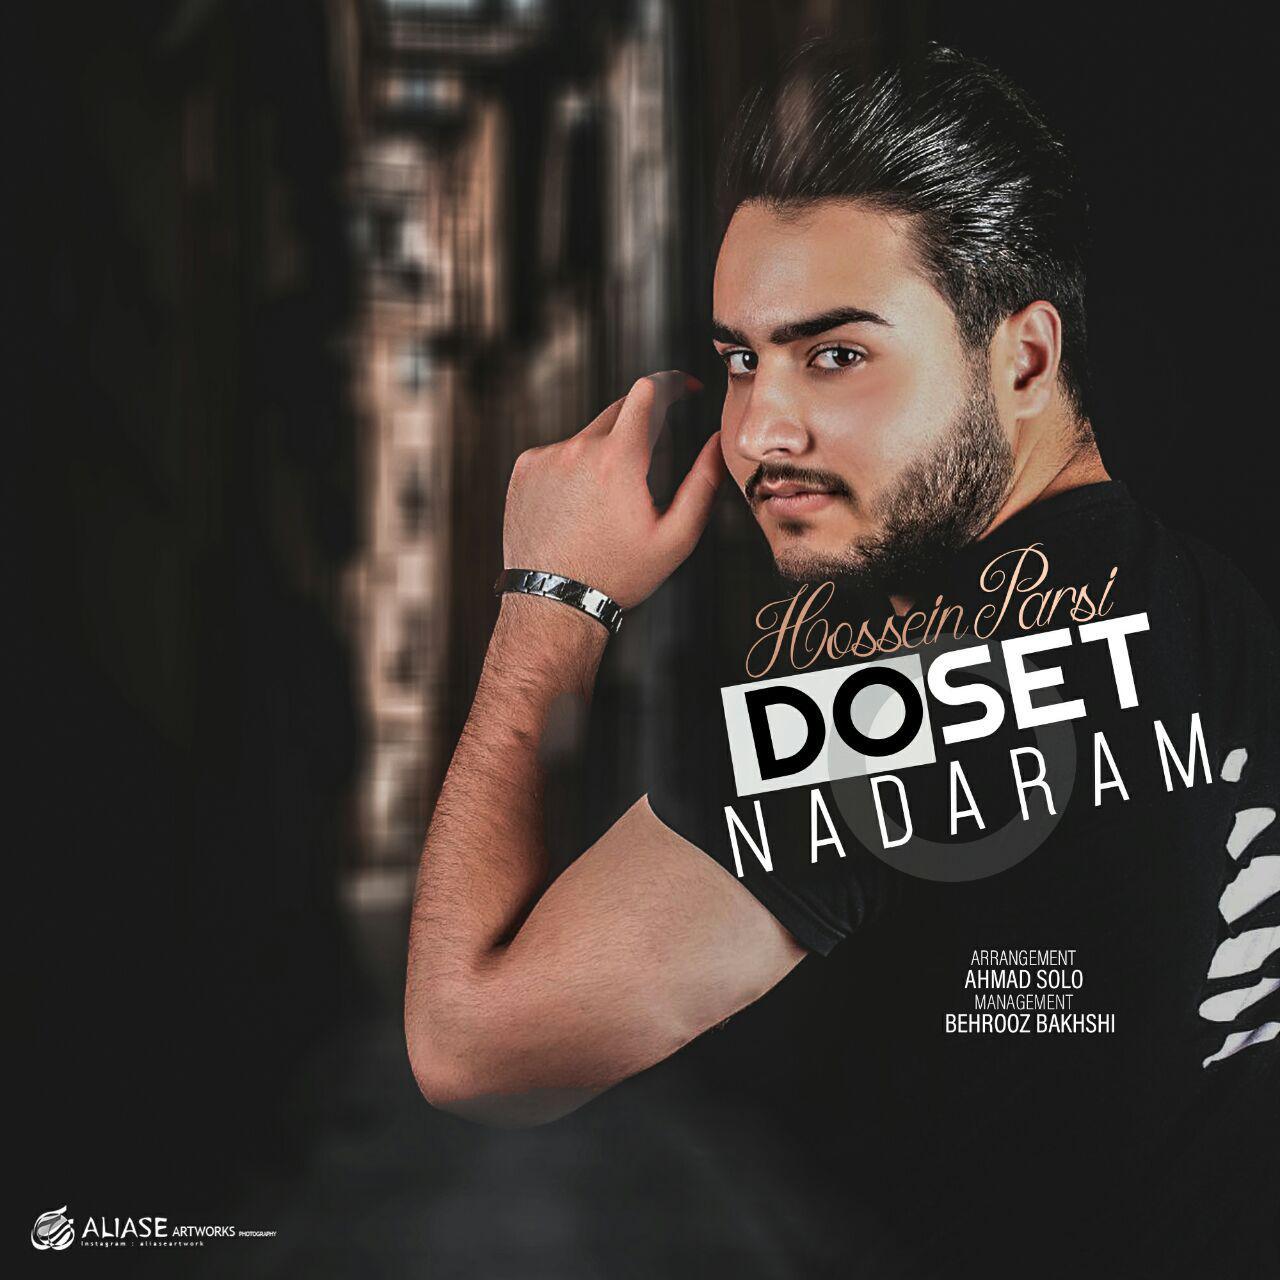 Hossein Parsi – Doset Nadaram